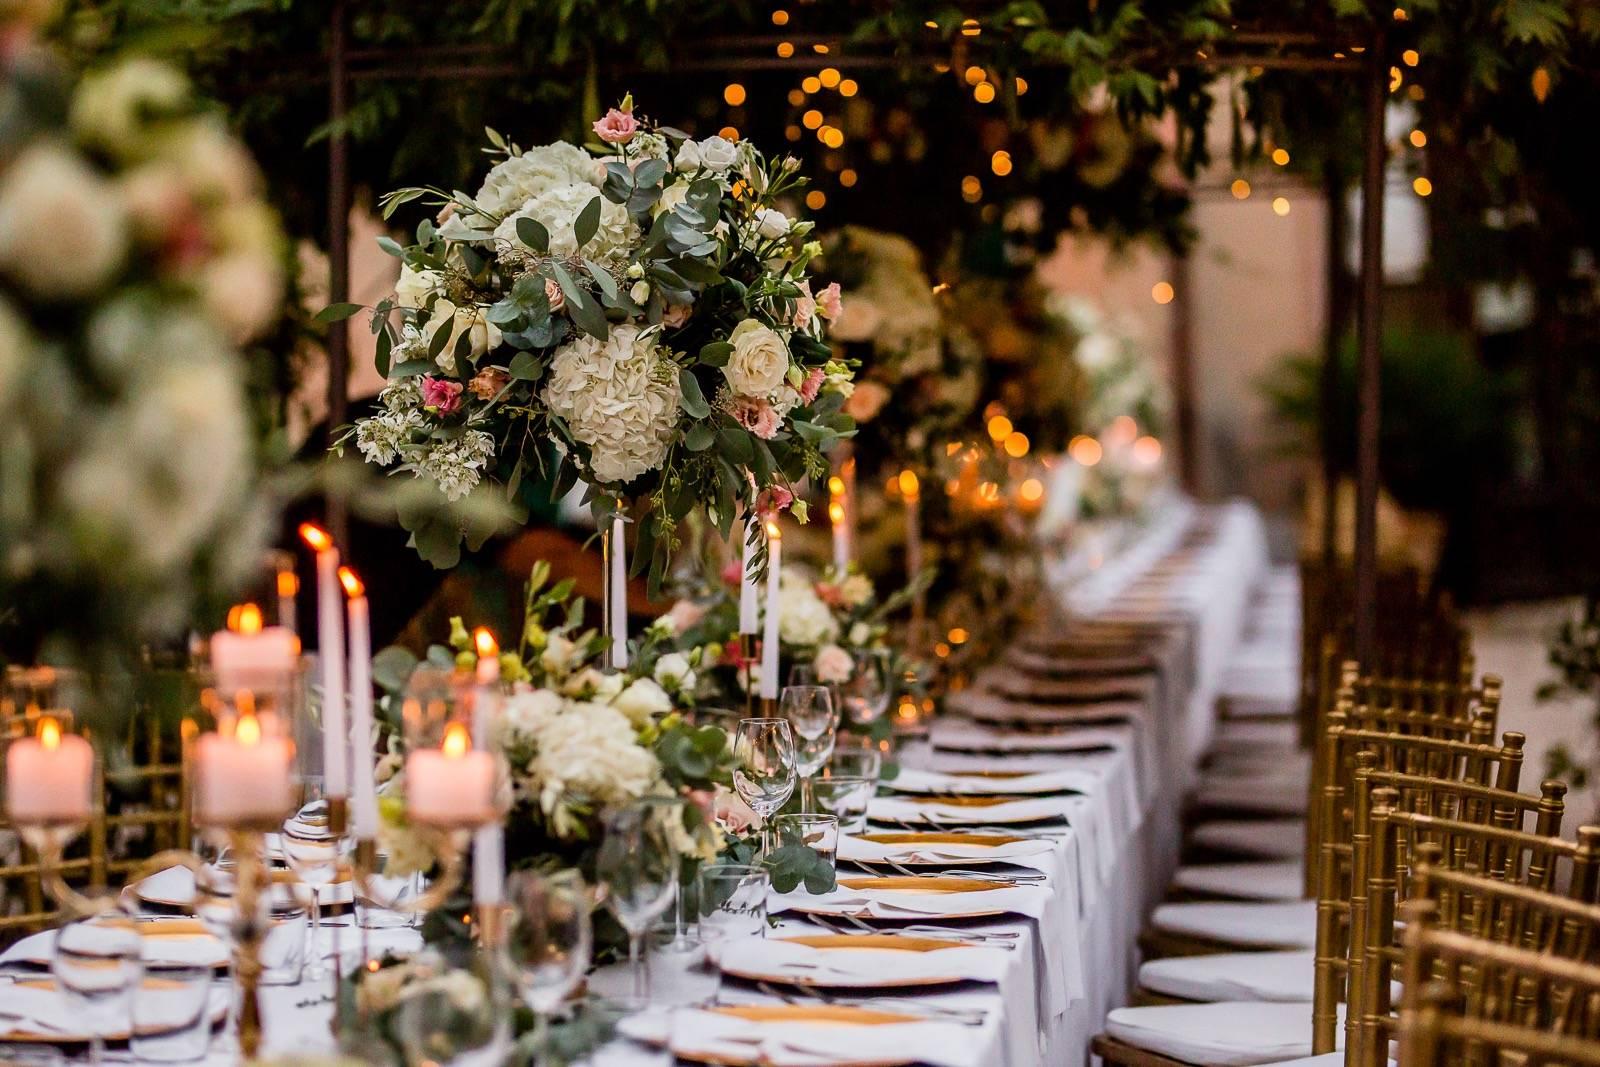 Eppel Fotografie - Trouwfotograaf - Huwelijksfotograaf - House of Weddings - 5